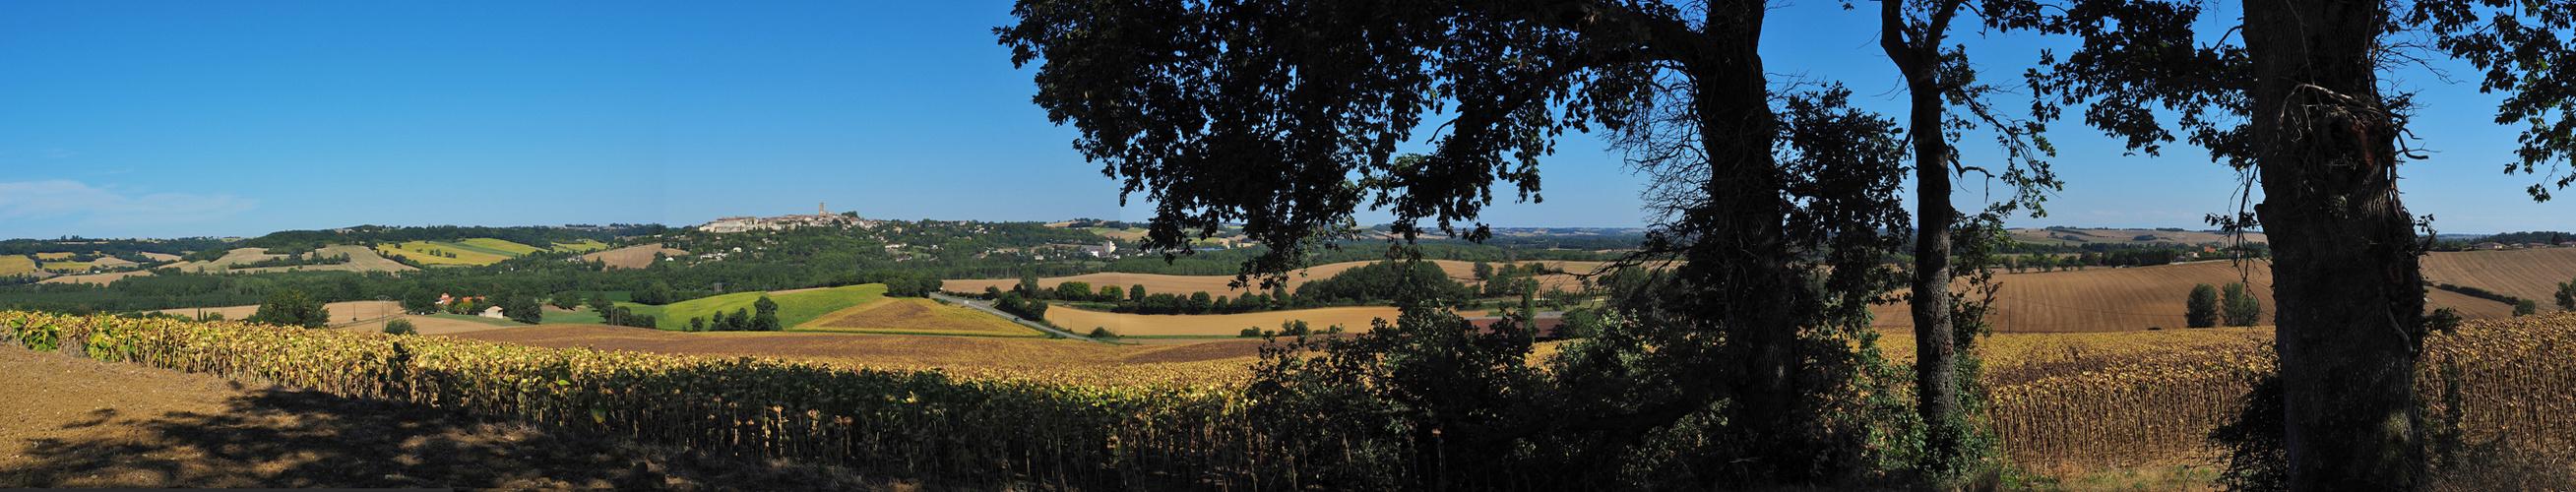 La campagne près de Lectoure  --  Gers